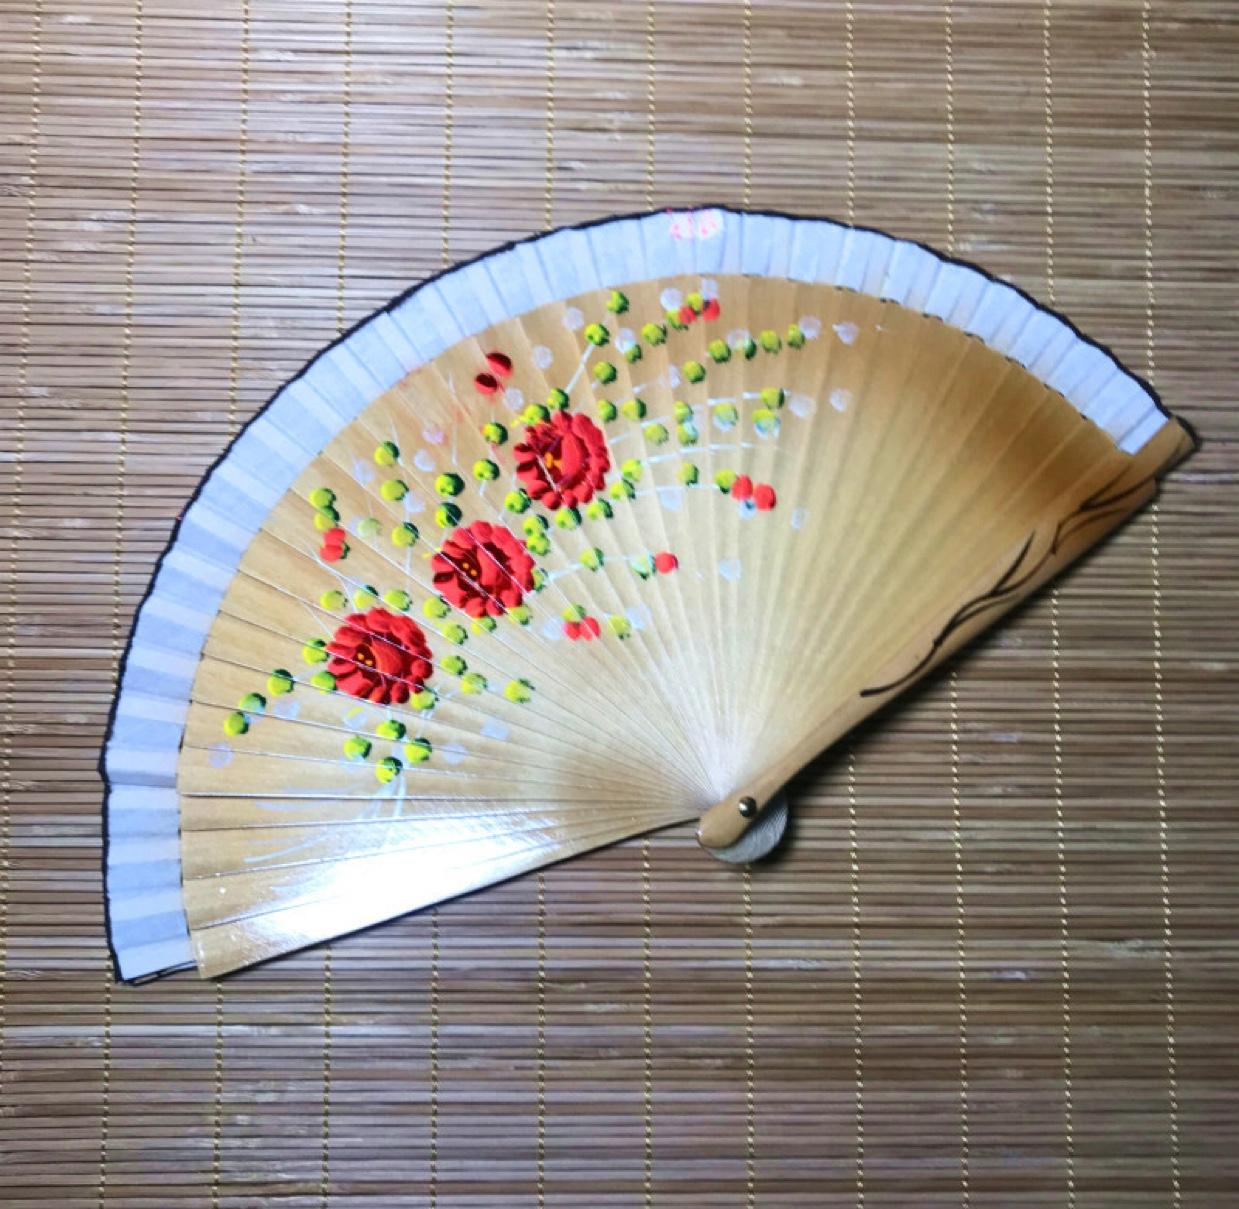 好开合双面西班牙木折扇中国风女扇手绘扇子旗袍走秀扇舞蹈扇木扇